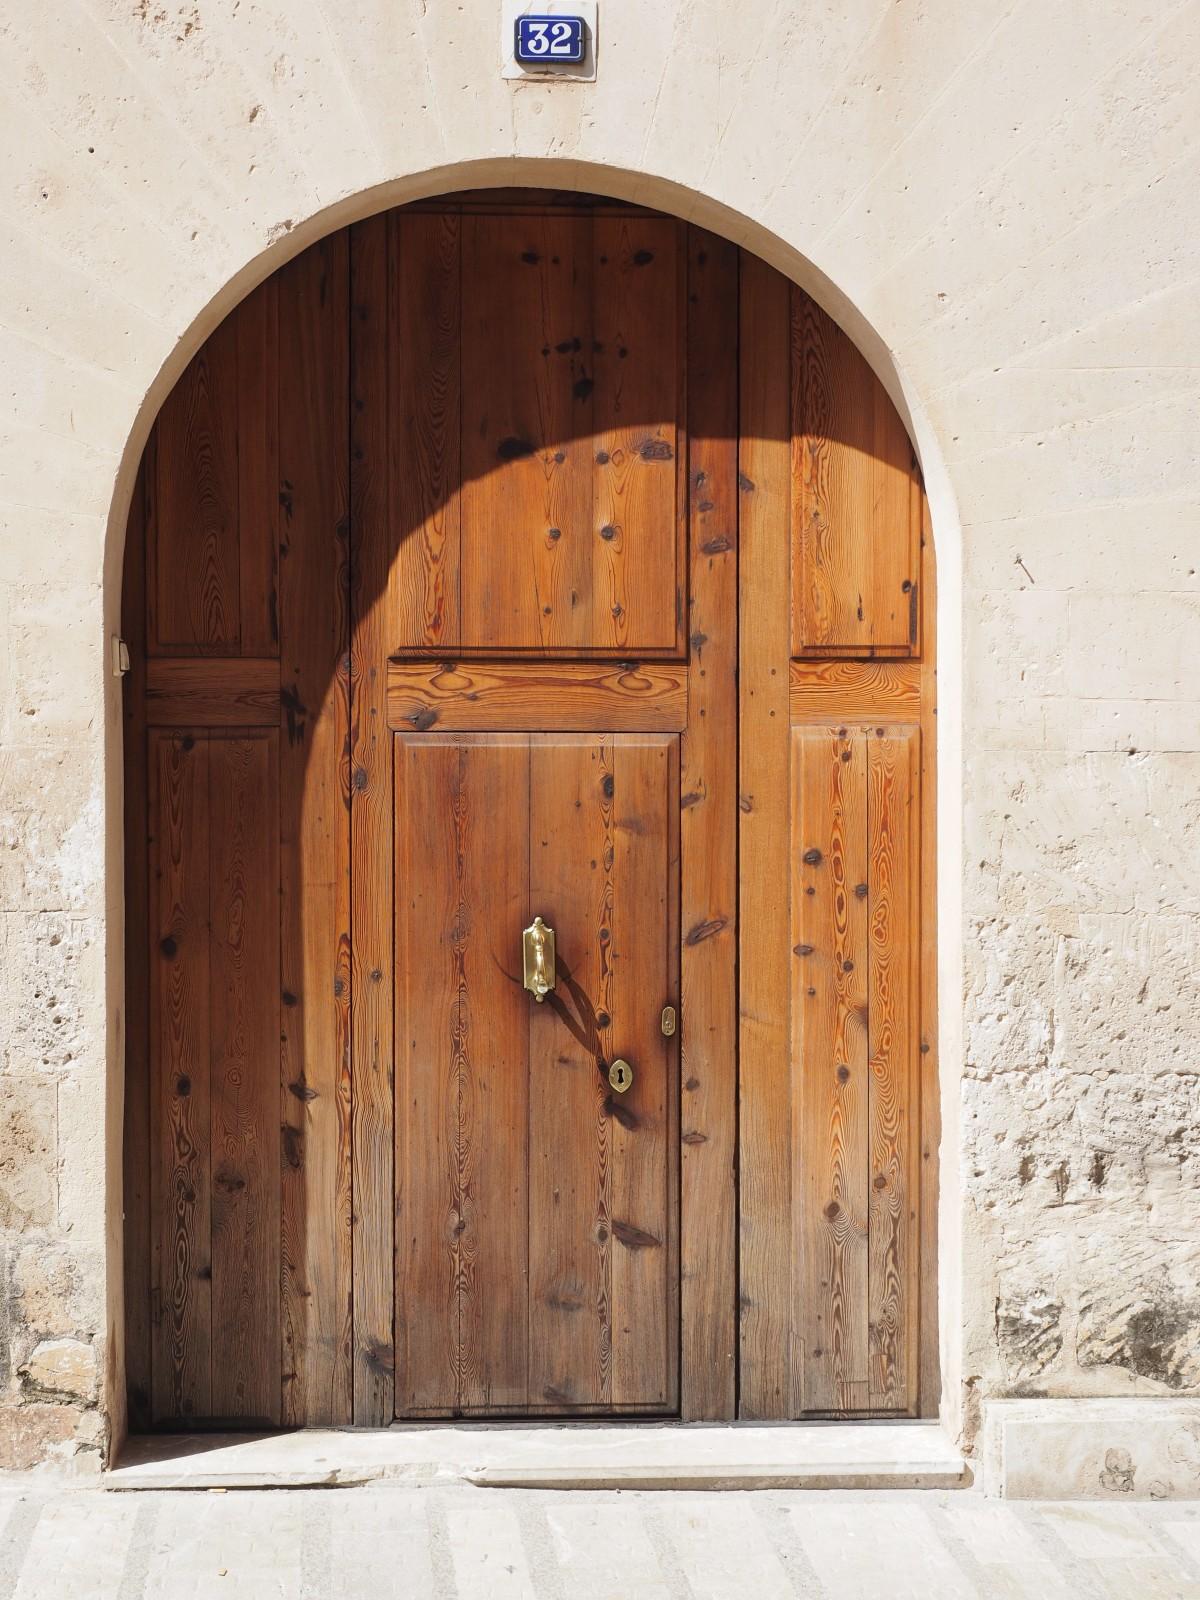 Fotos gratis madera antiguo arco mueble port n for Porton madera antiguo